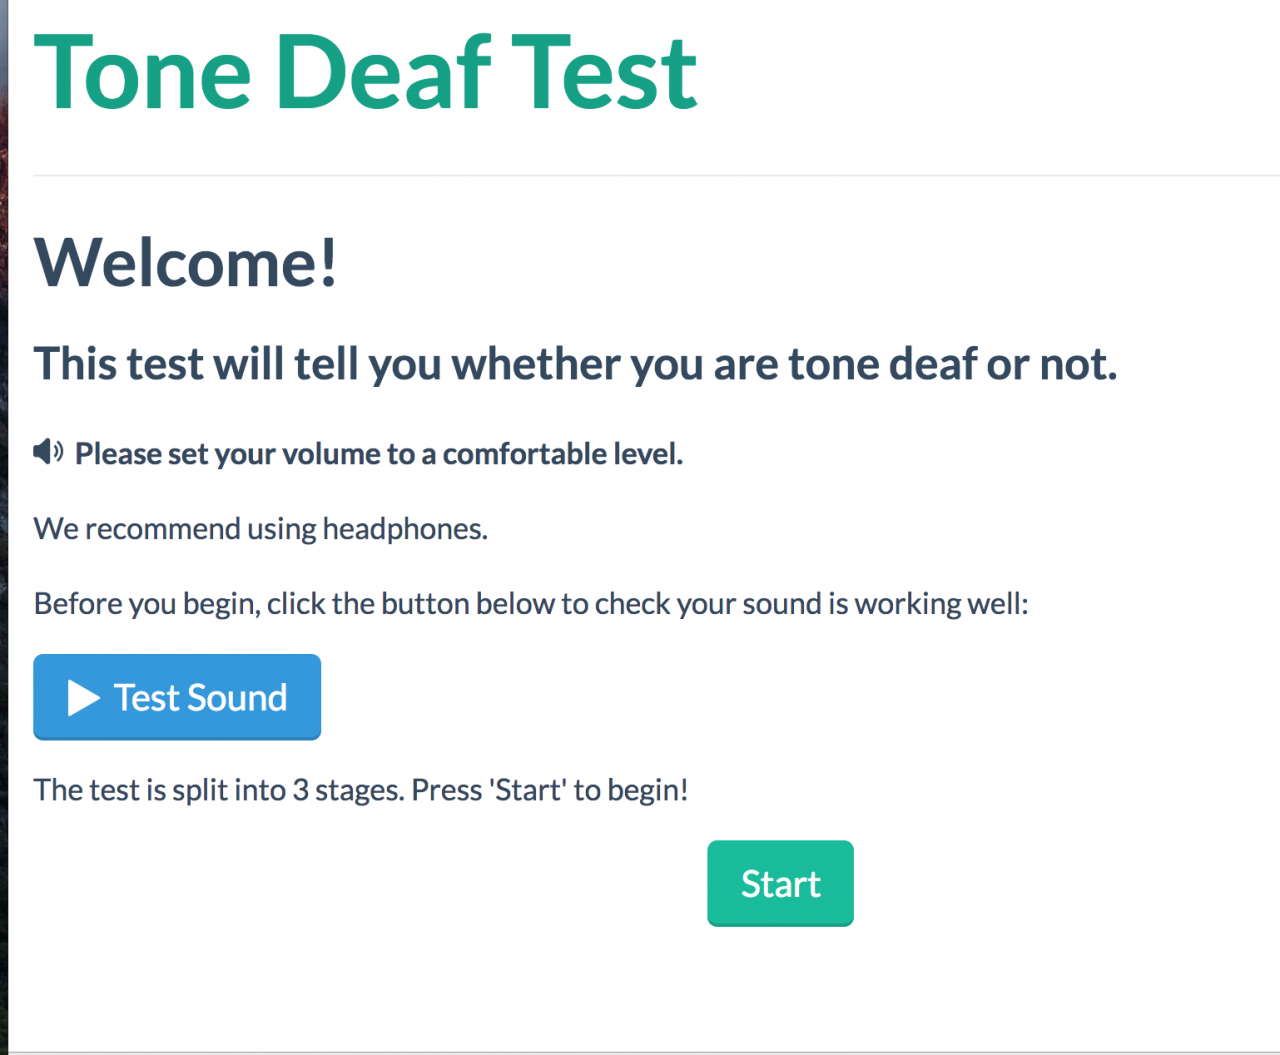 Logo for Tone Deaf Test